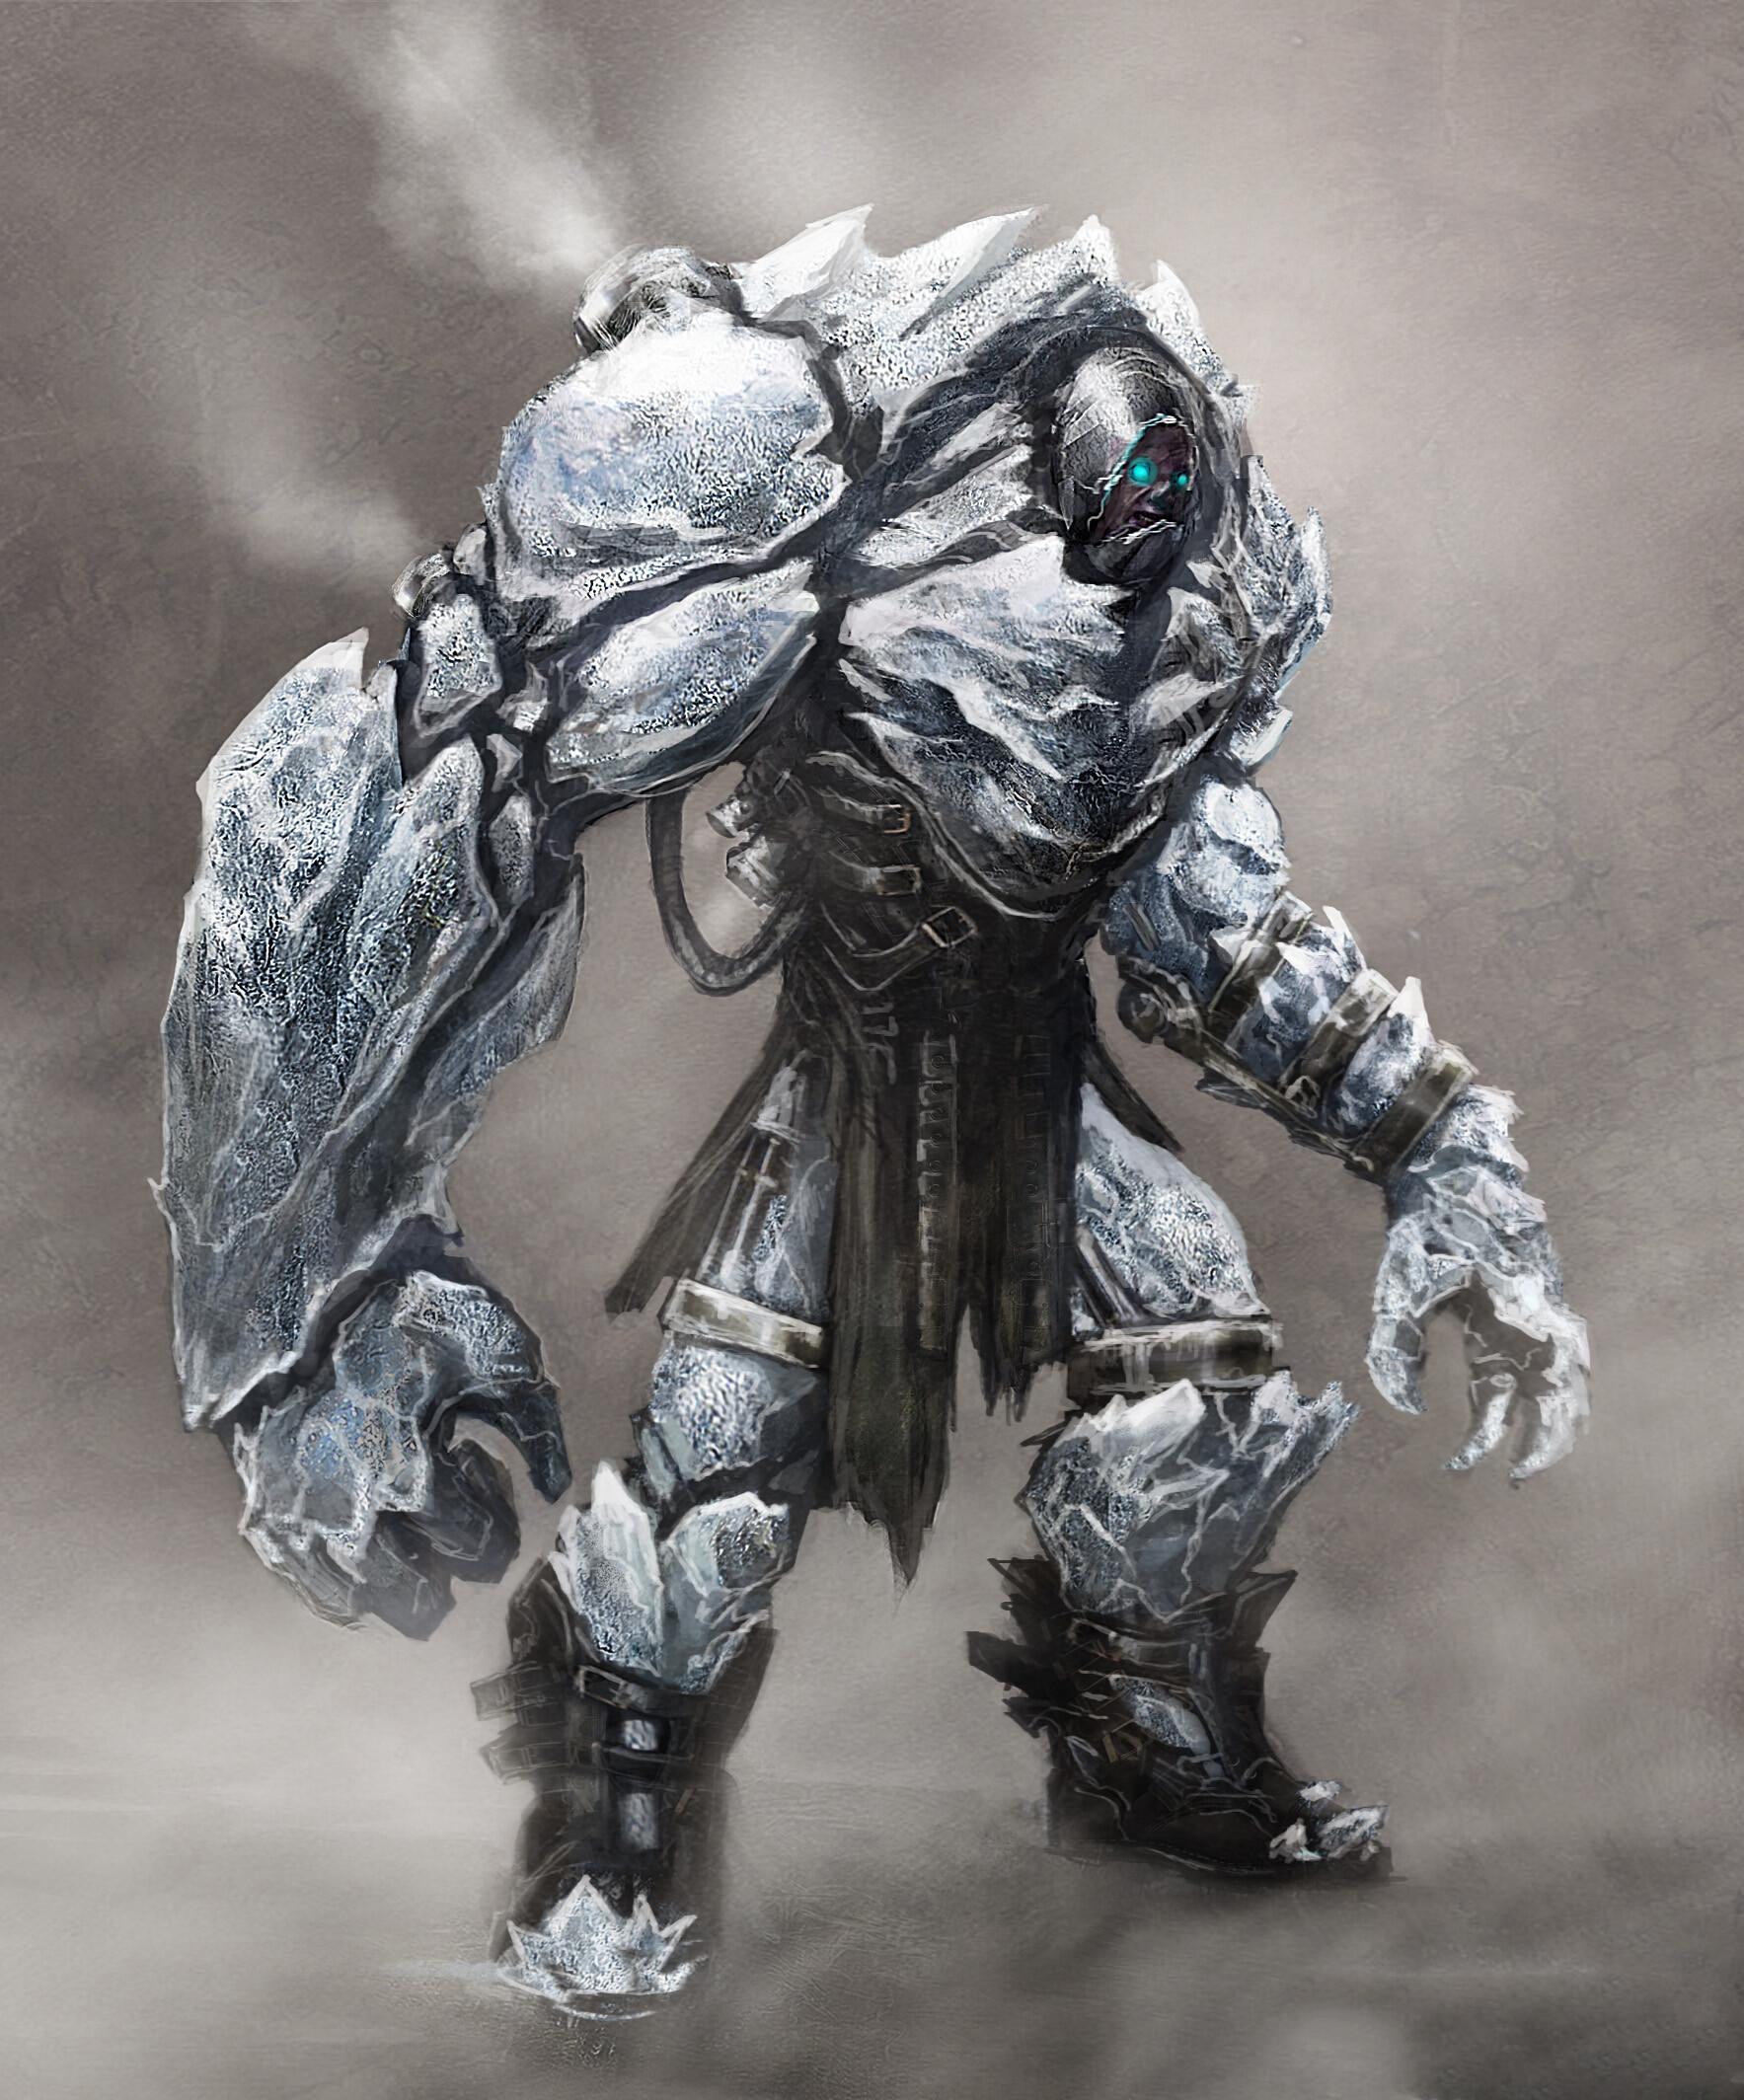 Jerx marantz ice elite color 1